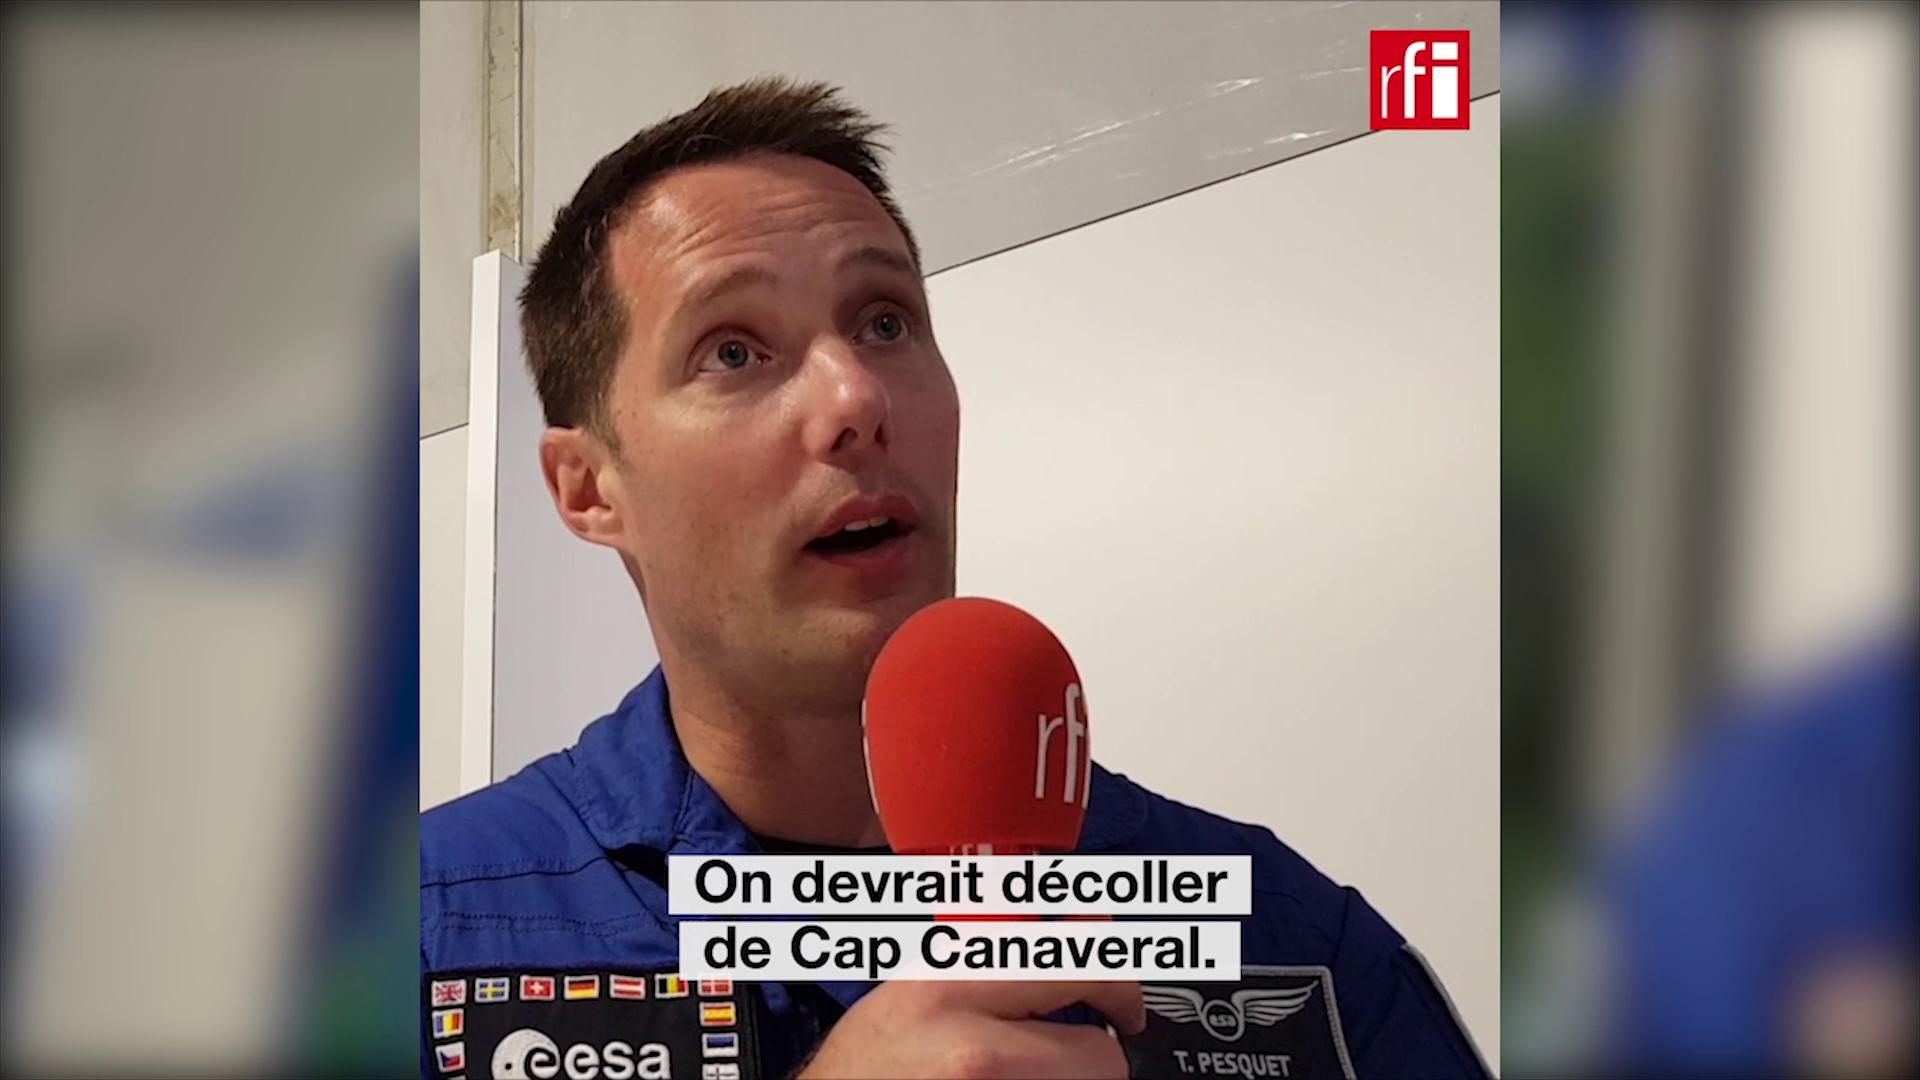 Тома Песке сообщил RFI, что следующая миссия на МКС вылетит с мыса Канаверал. Ле Бурже, июнь 2019.